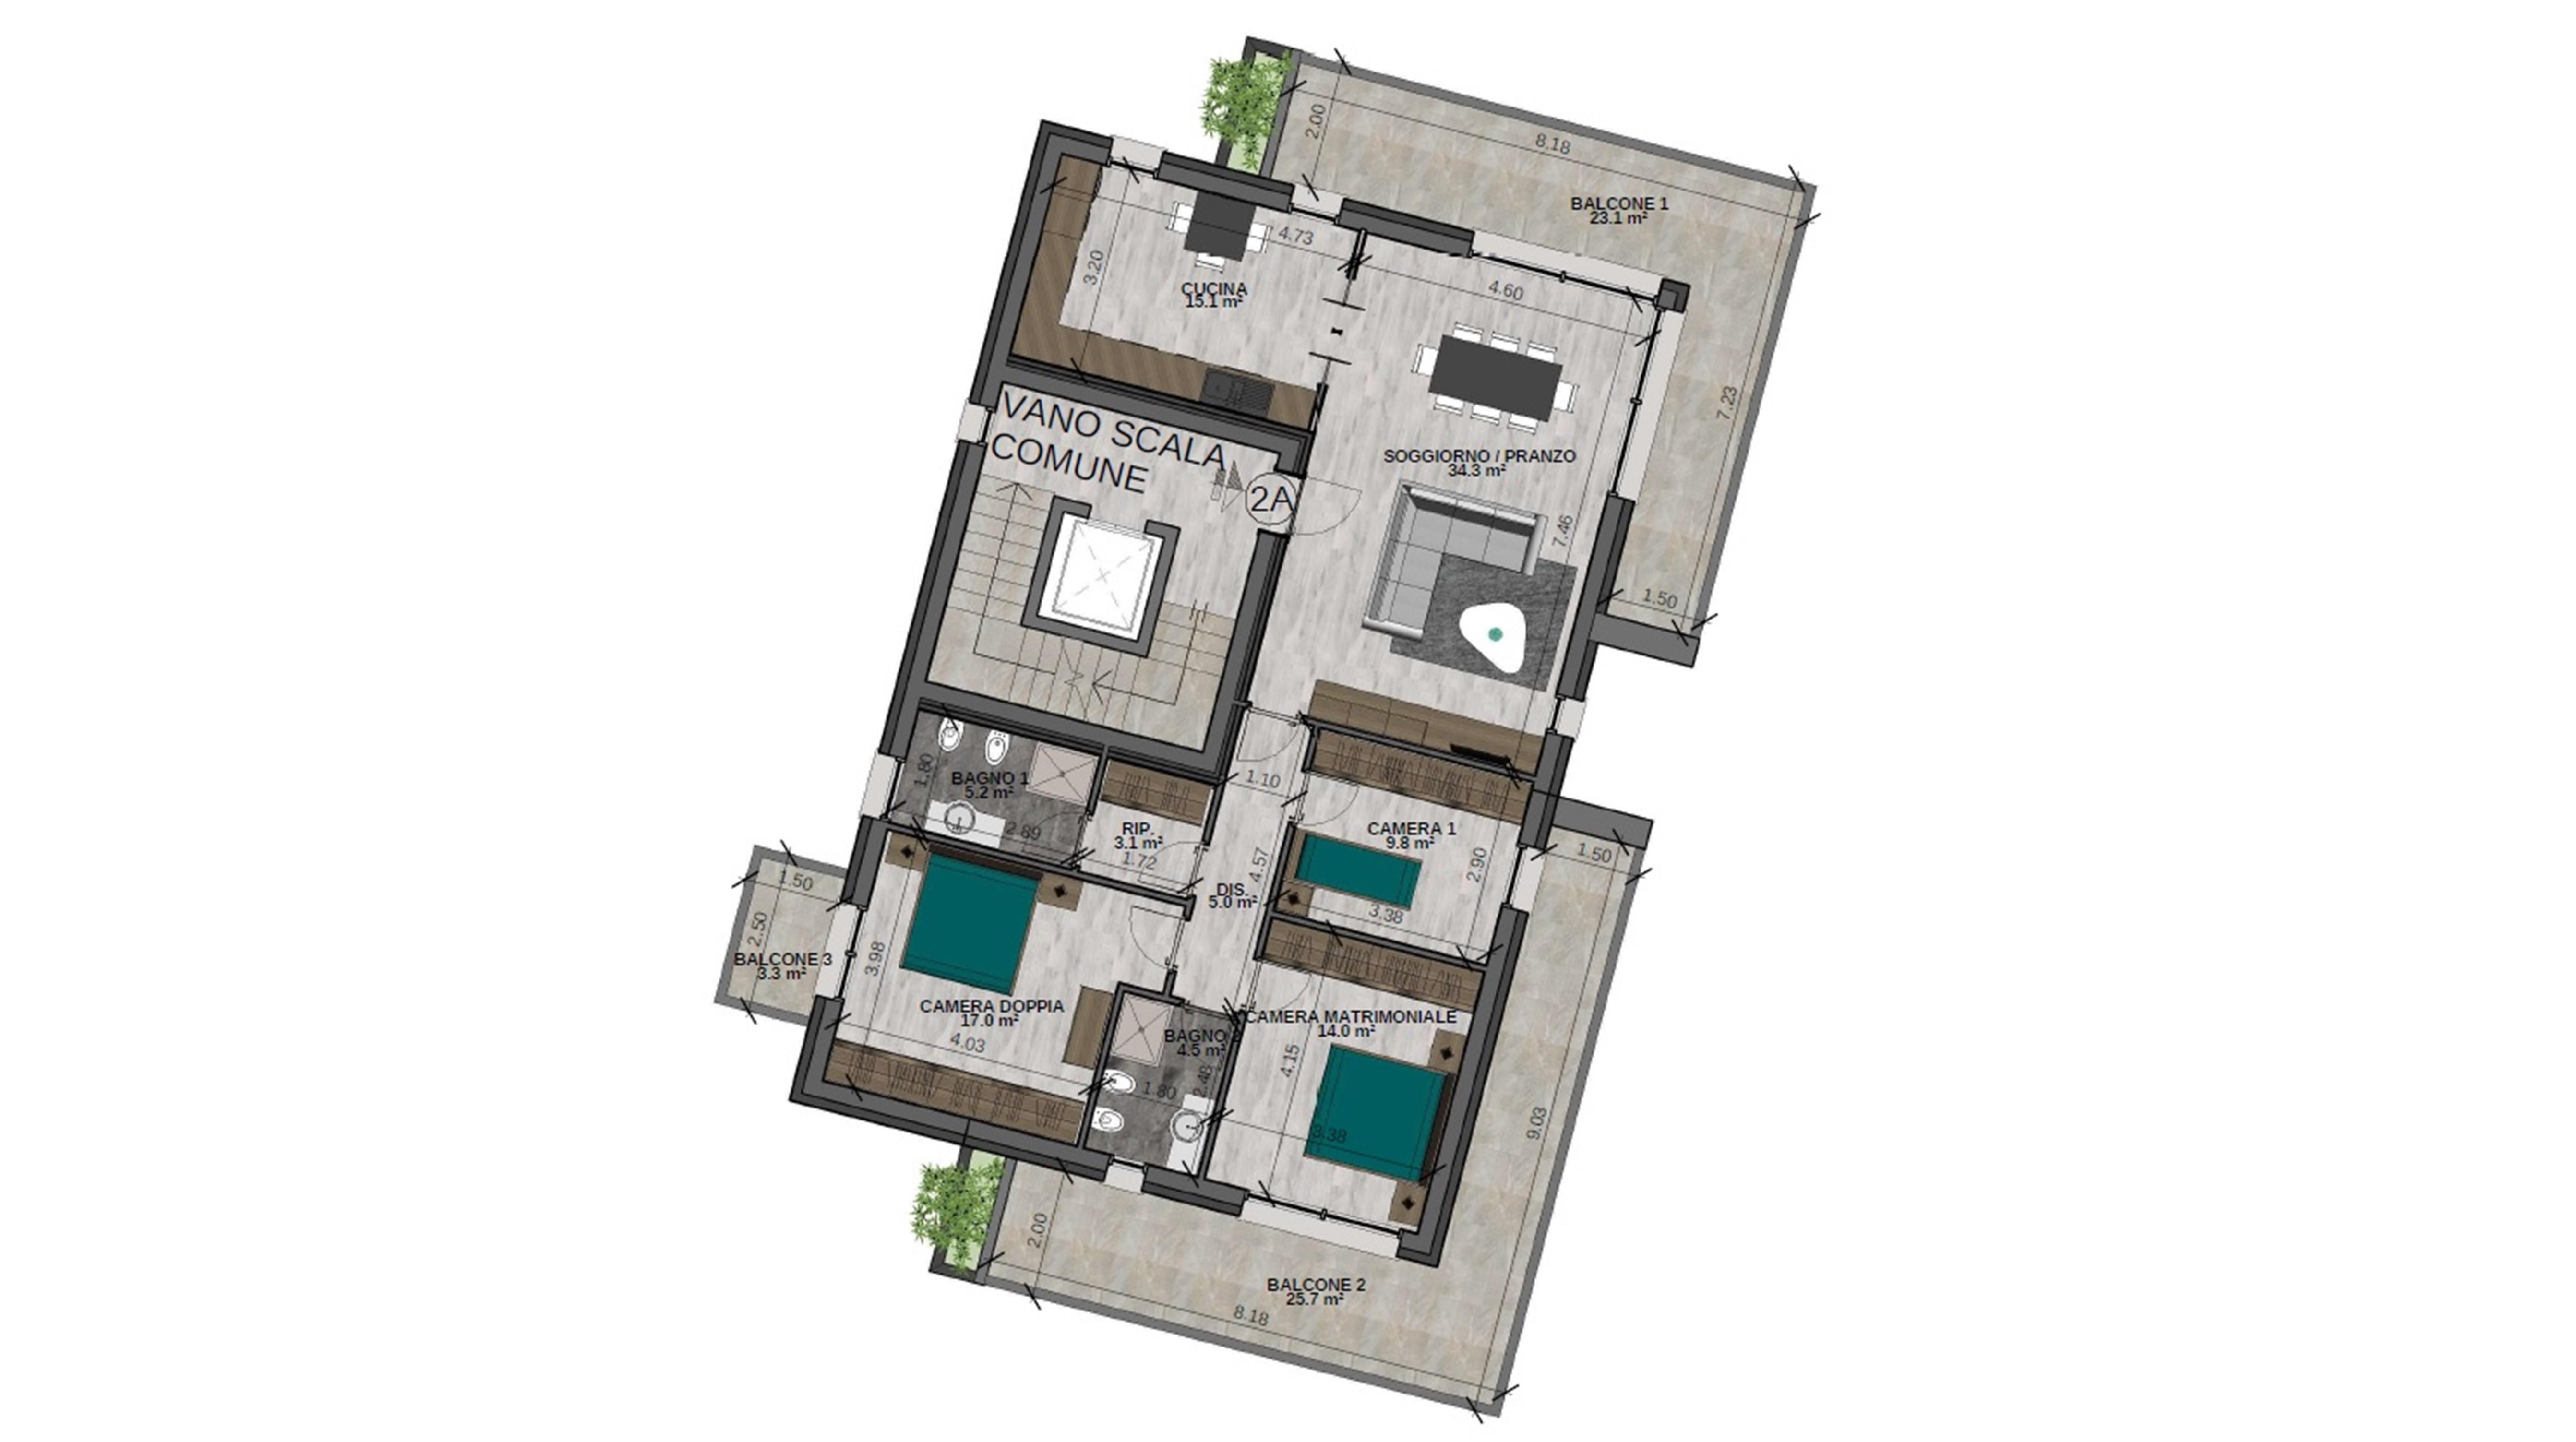 Quadrilocale 2A Piano Secondo - Sup. comm. 161 mq - 540.000 €